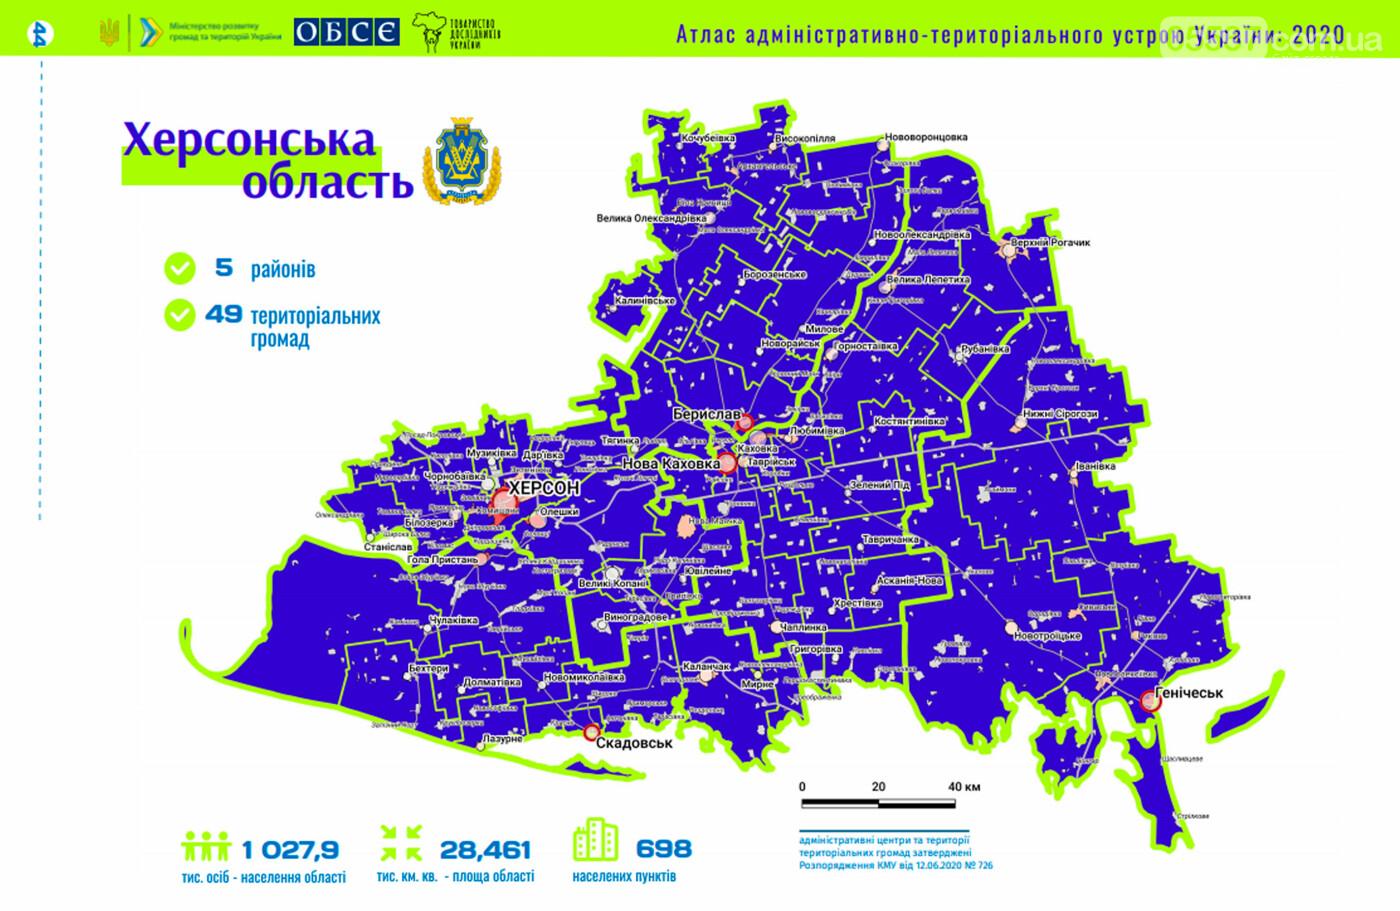 Новое административно-территориальное устройство: как на карте будет выглядеть Скадовский район, фото-1